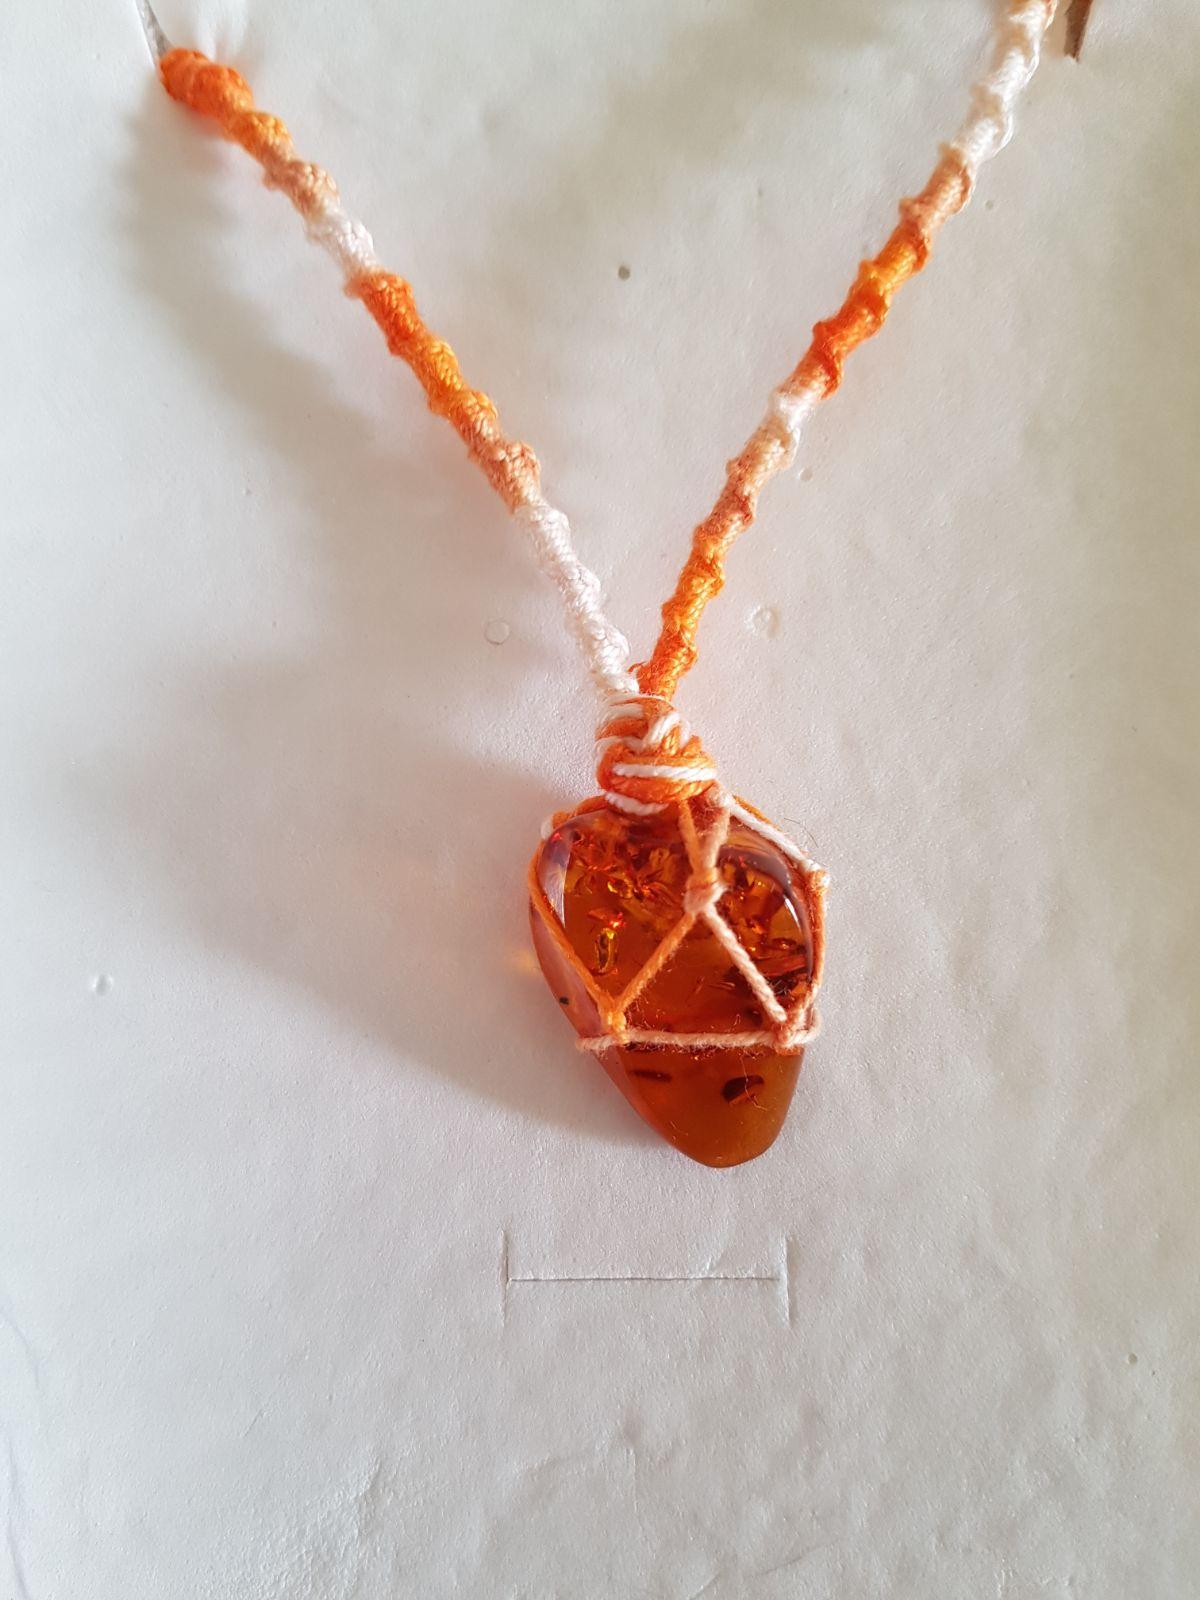 nuovo concetto 184b8 0bcfe Collana di Ambra a Goccia in Macramè filo arancione e bianco